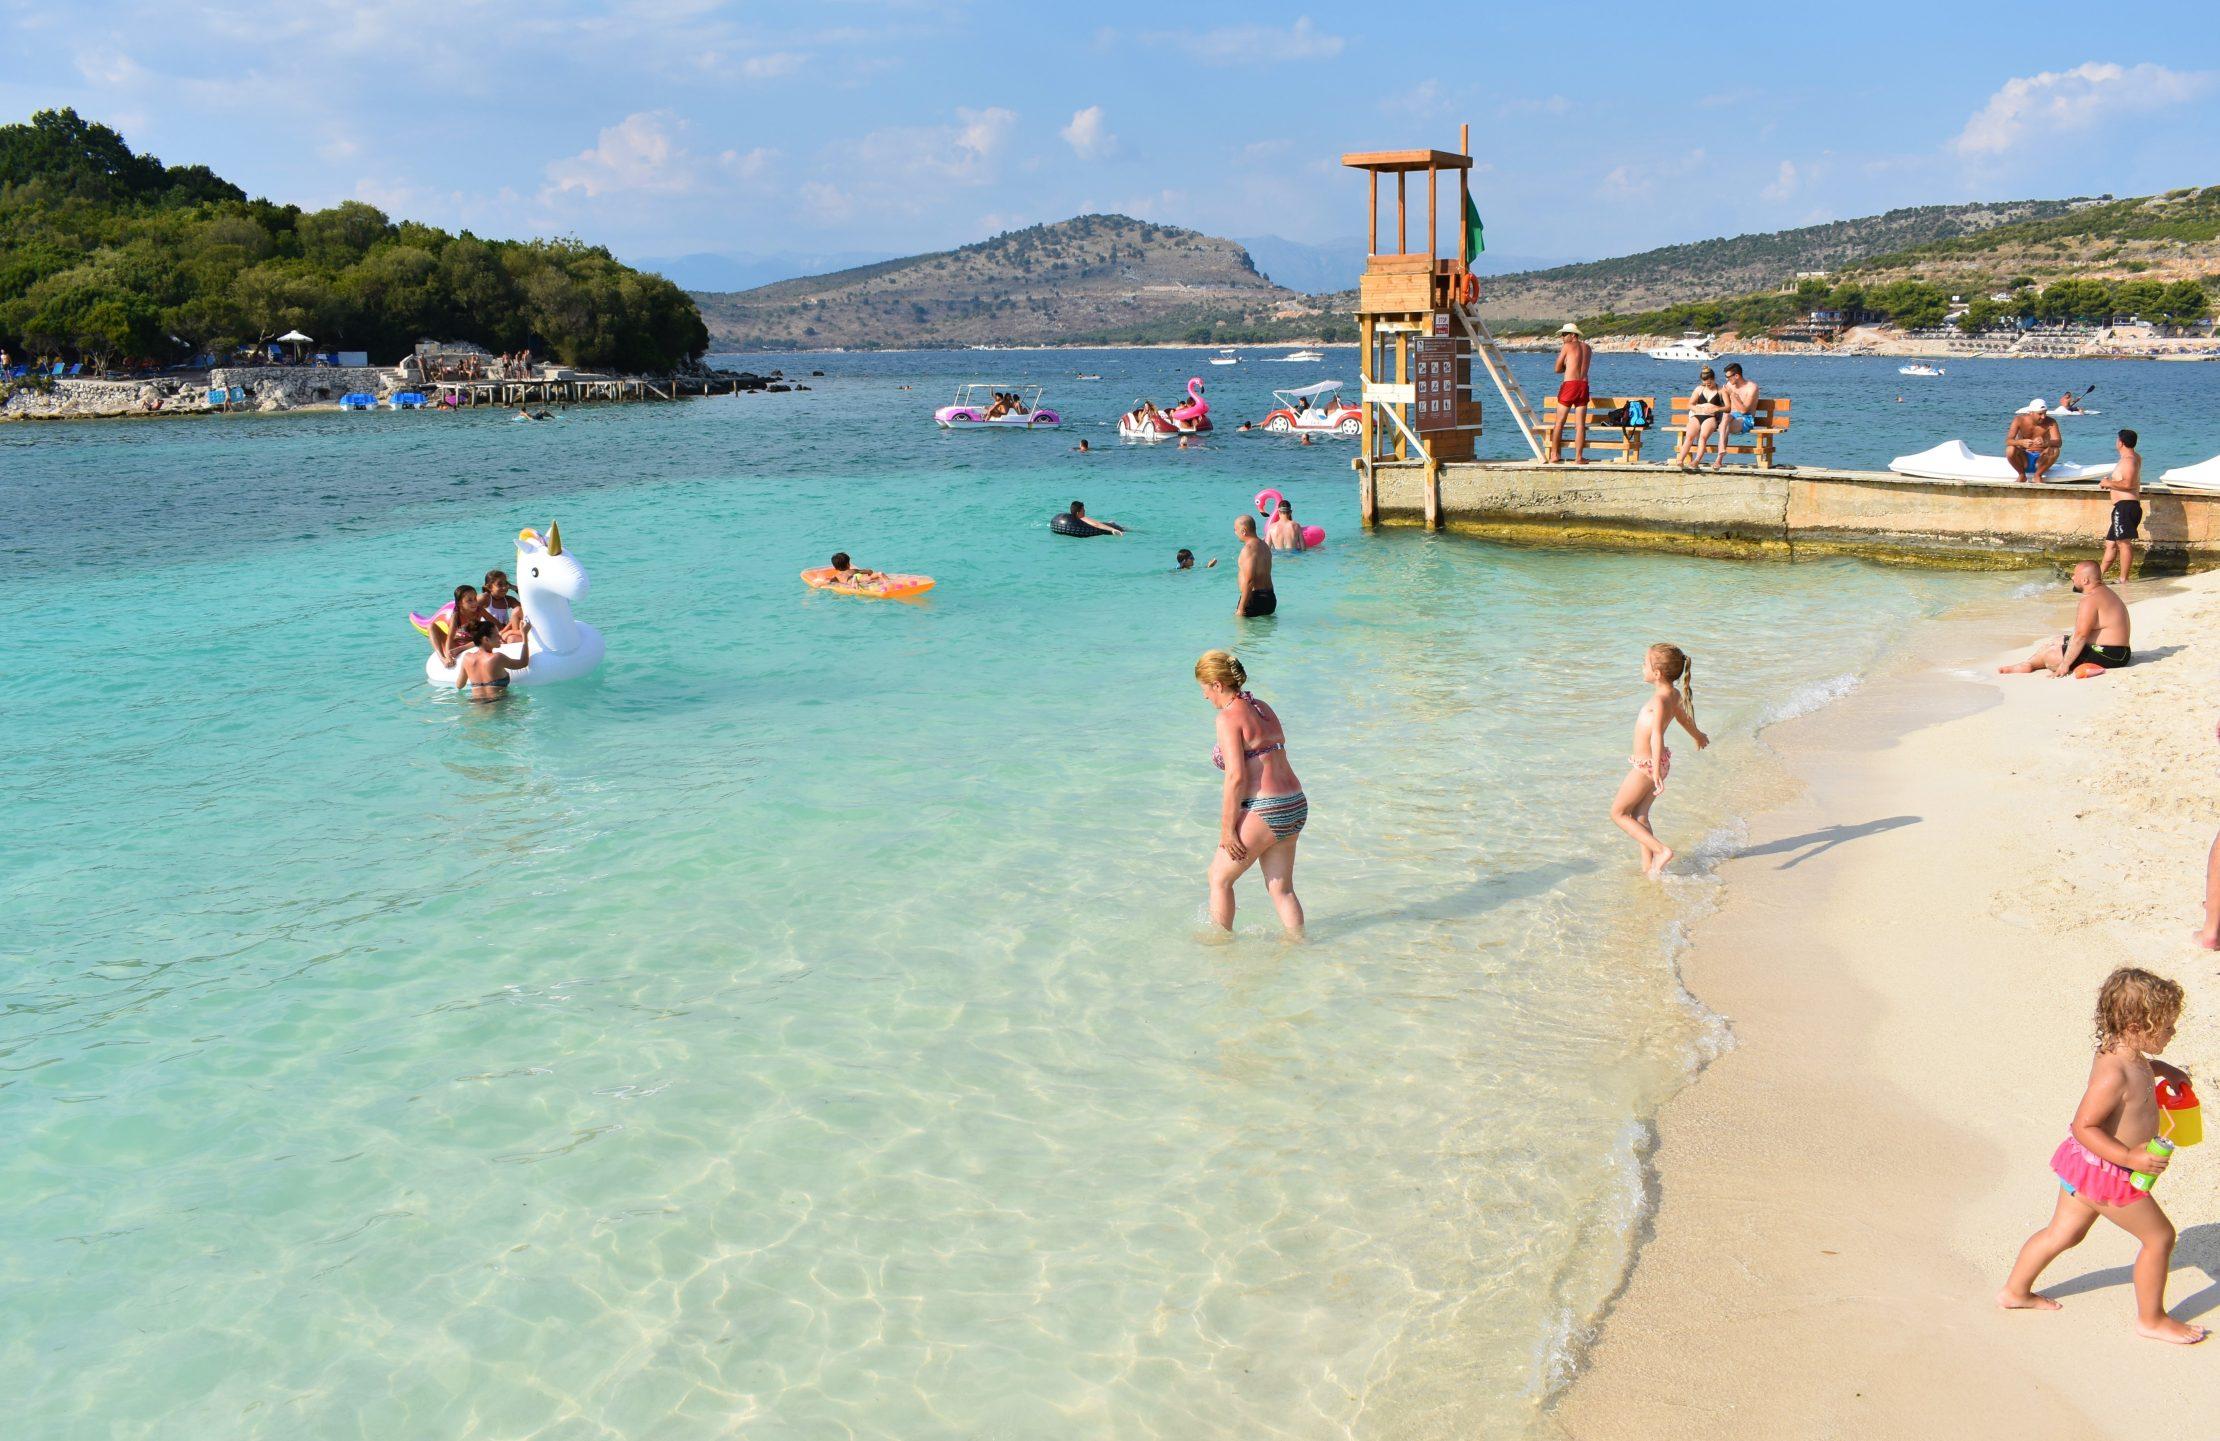 Vacaciones familiares en Ksamil, Albania